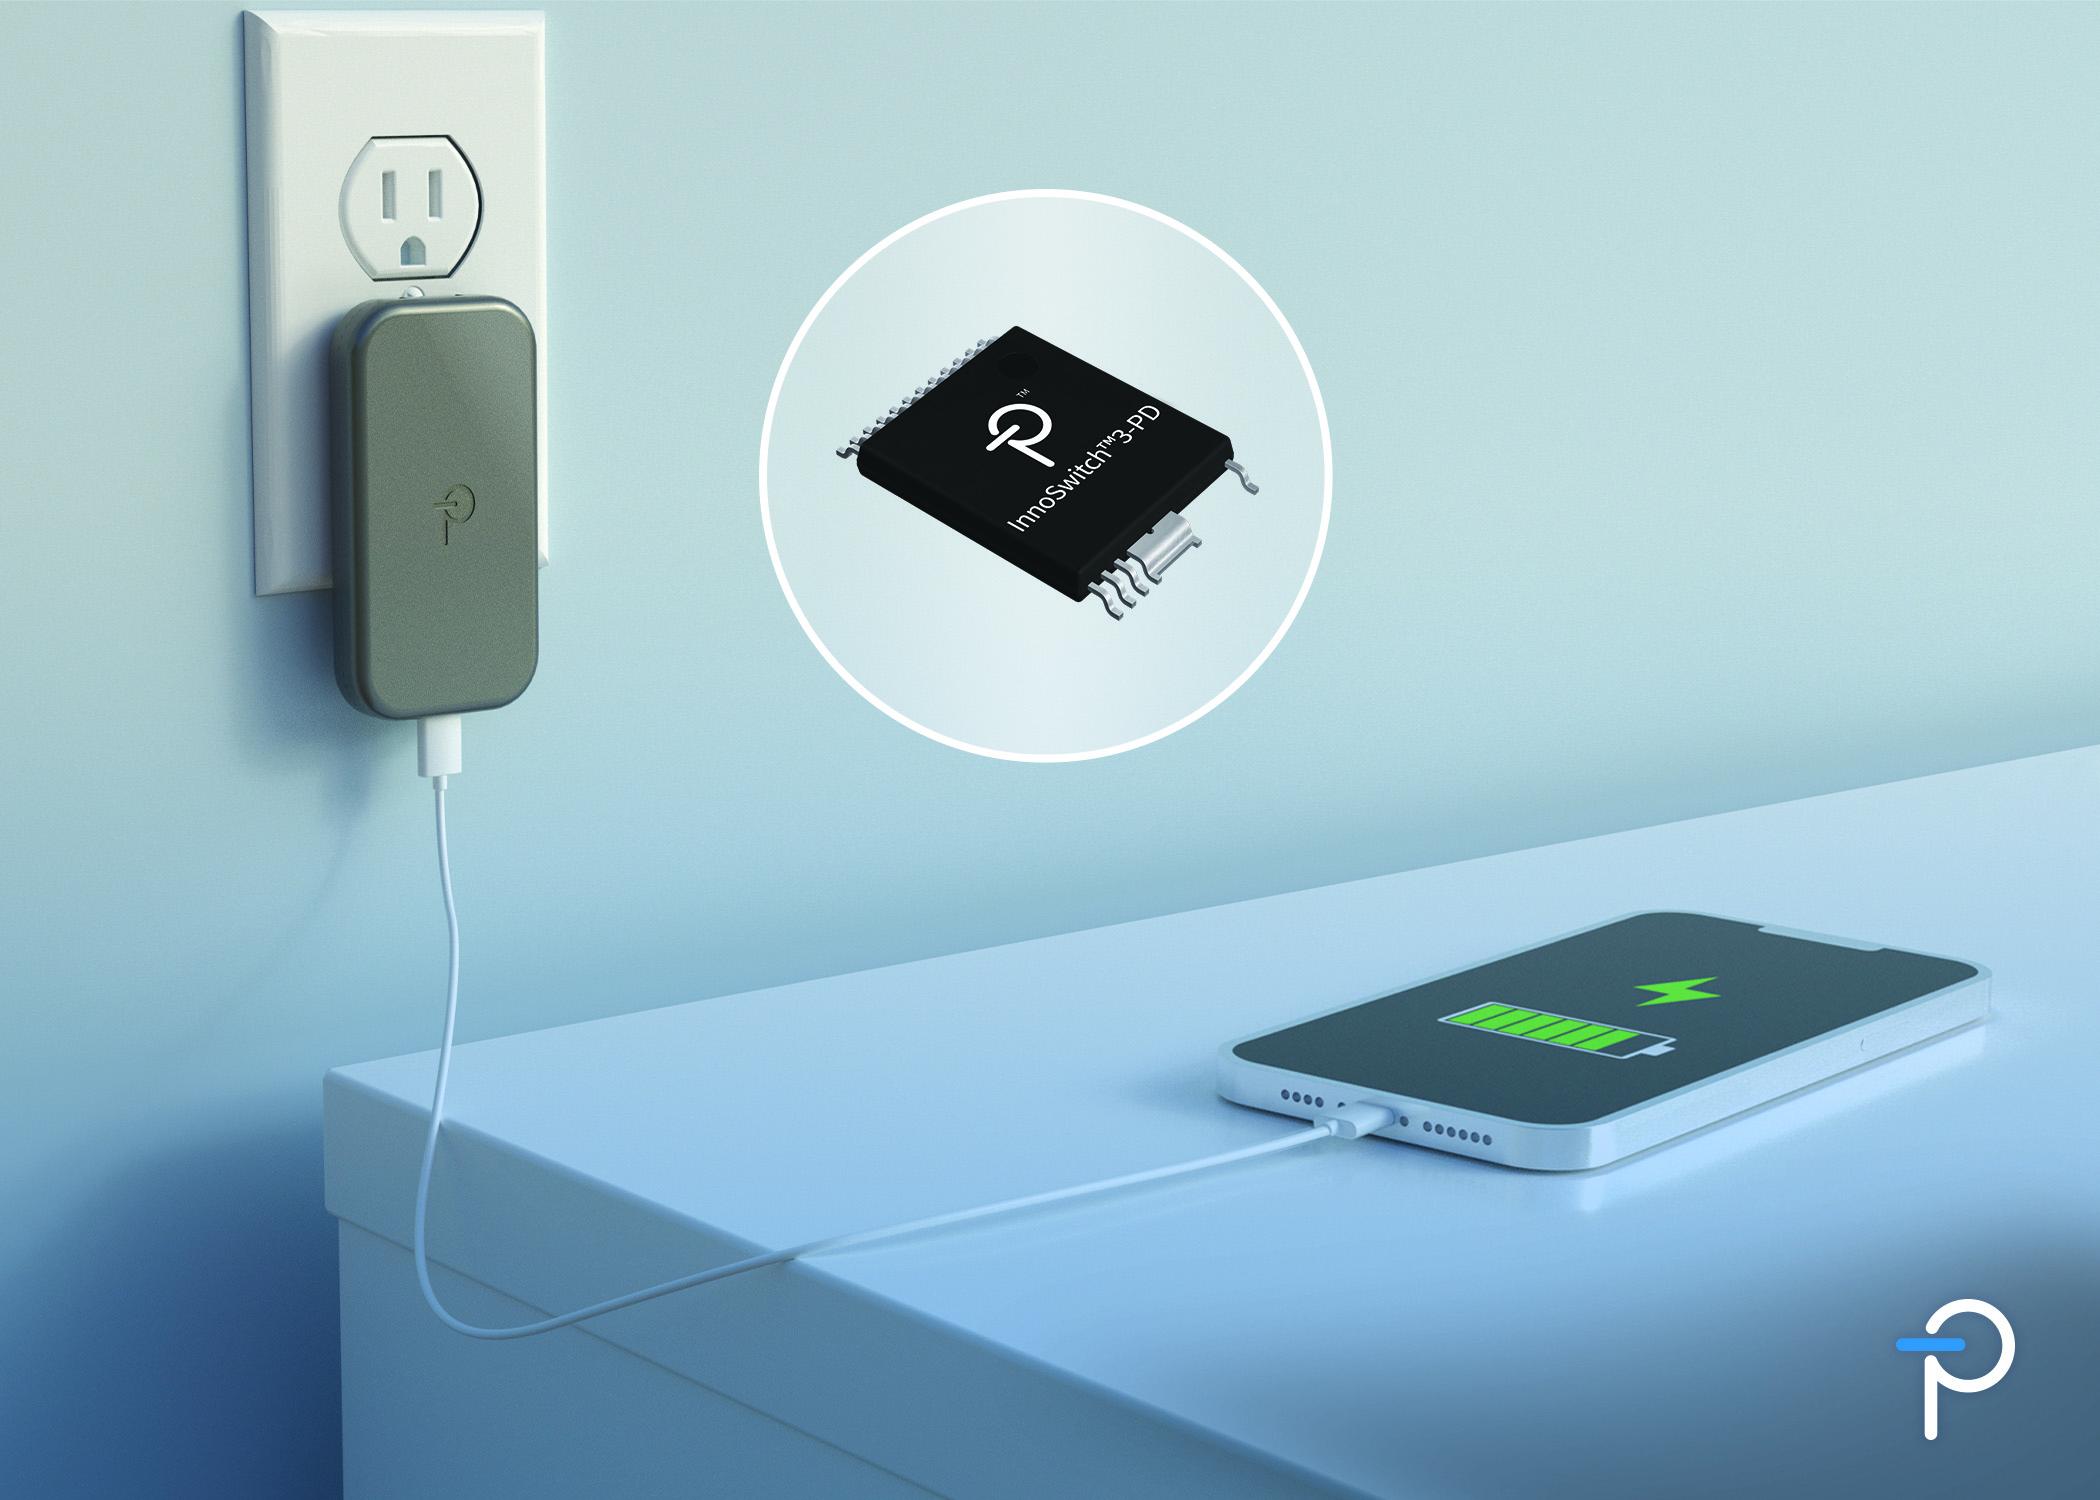 Power Integrations推出内置USB PD控制器的InnoSwitch3-PD系列反激式开关IC